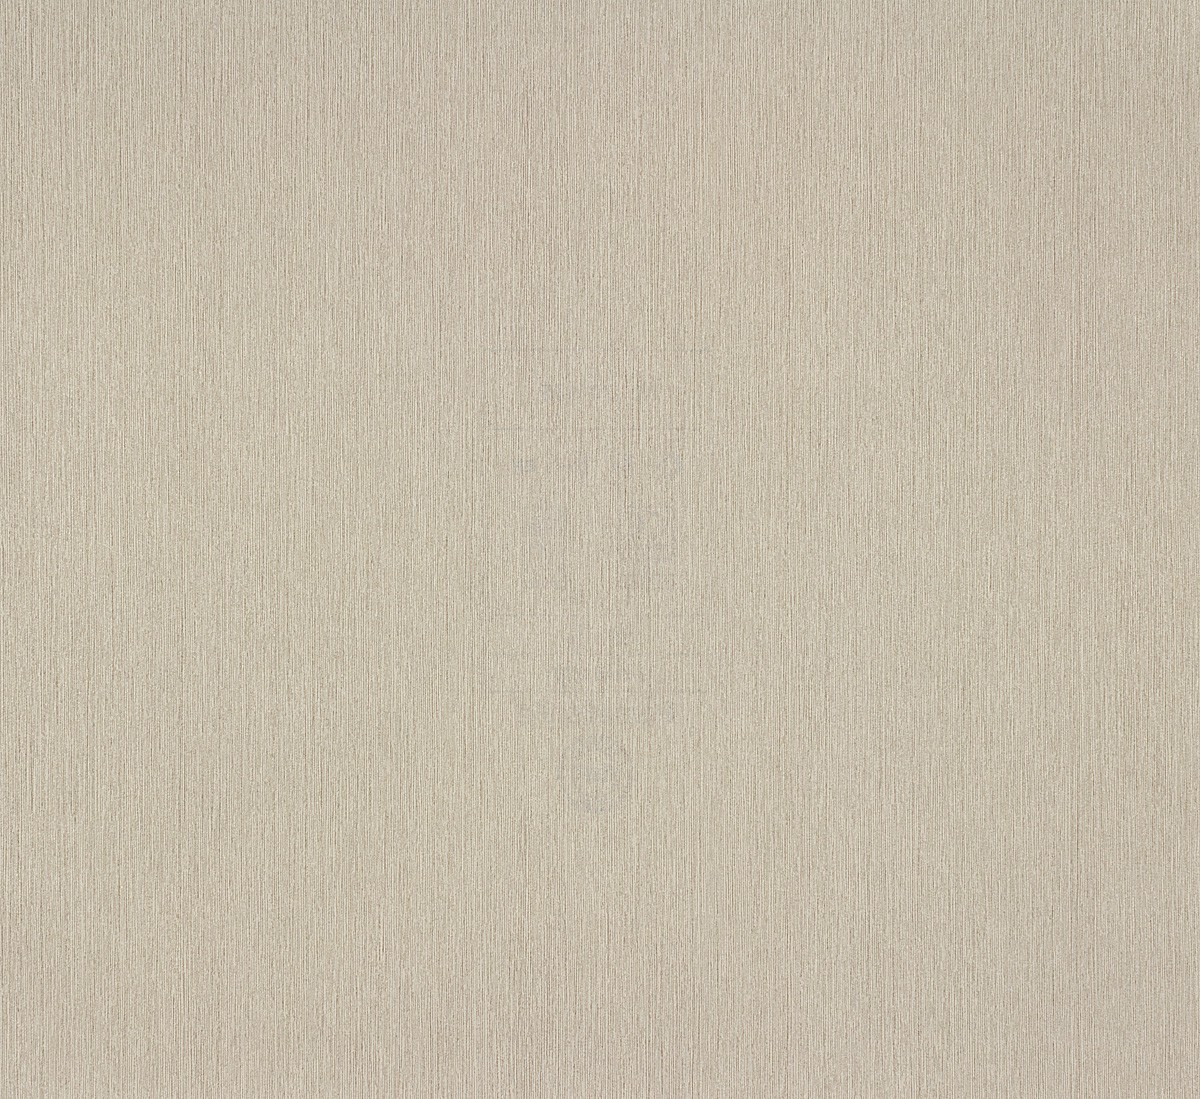 Rasch Tapeten Home Style : Details zu Tapete Vlies Uni beige Rasch Home Style 701135